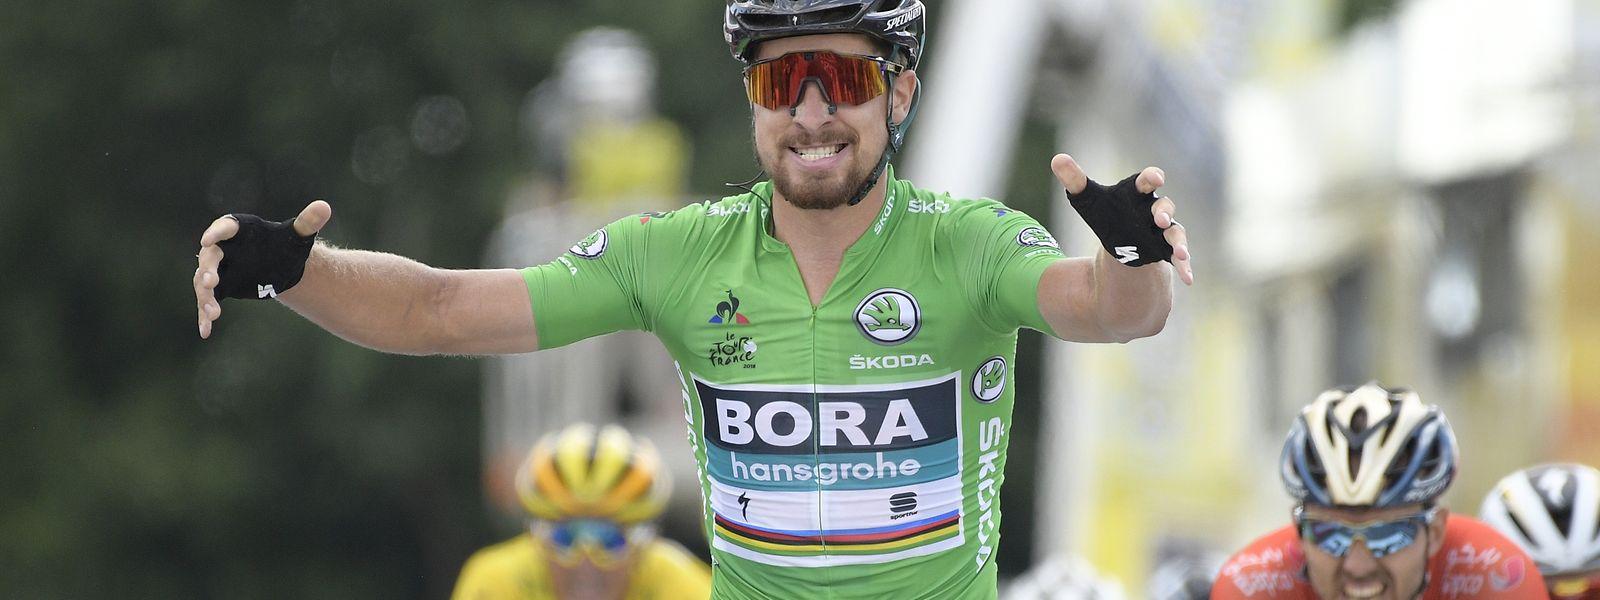 11.07.2018, Frankreich, Sarzeau: Radsport: Tour de France, Lorient - Quimper (204,50 km), 5. Etappe: Peter Sagan aus der Slowakei vom Bora-Hansgrohe jubelt beim Überqueren der Ziellinie. Foto: Yorick Jansens/BELGA/dpa +++ dpa-Bildfunk +++